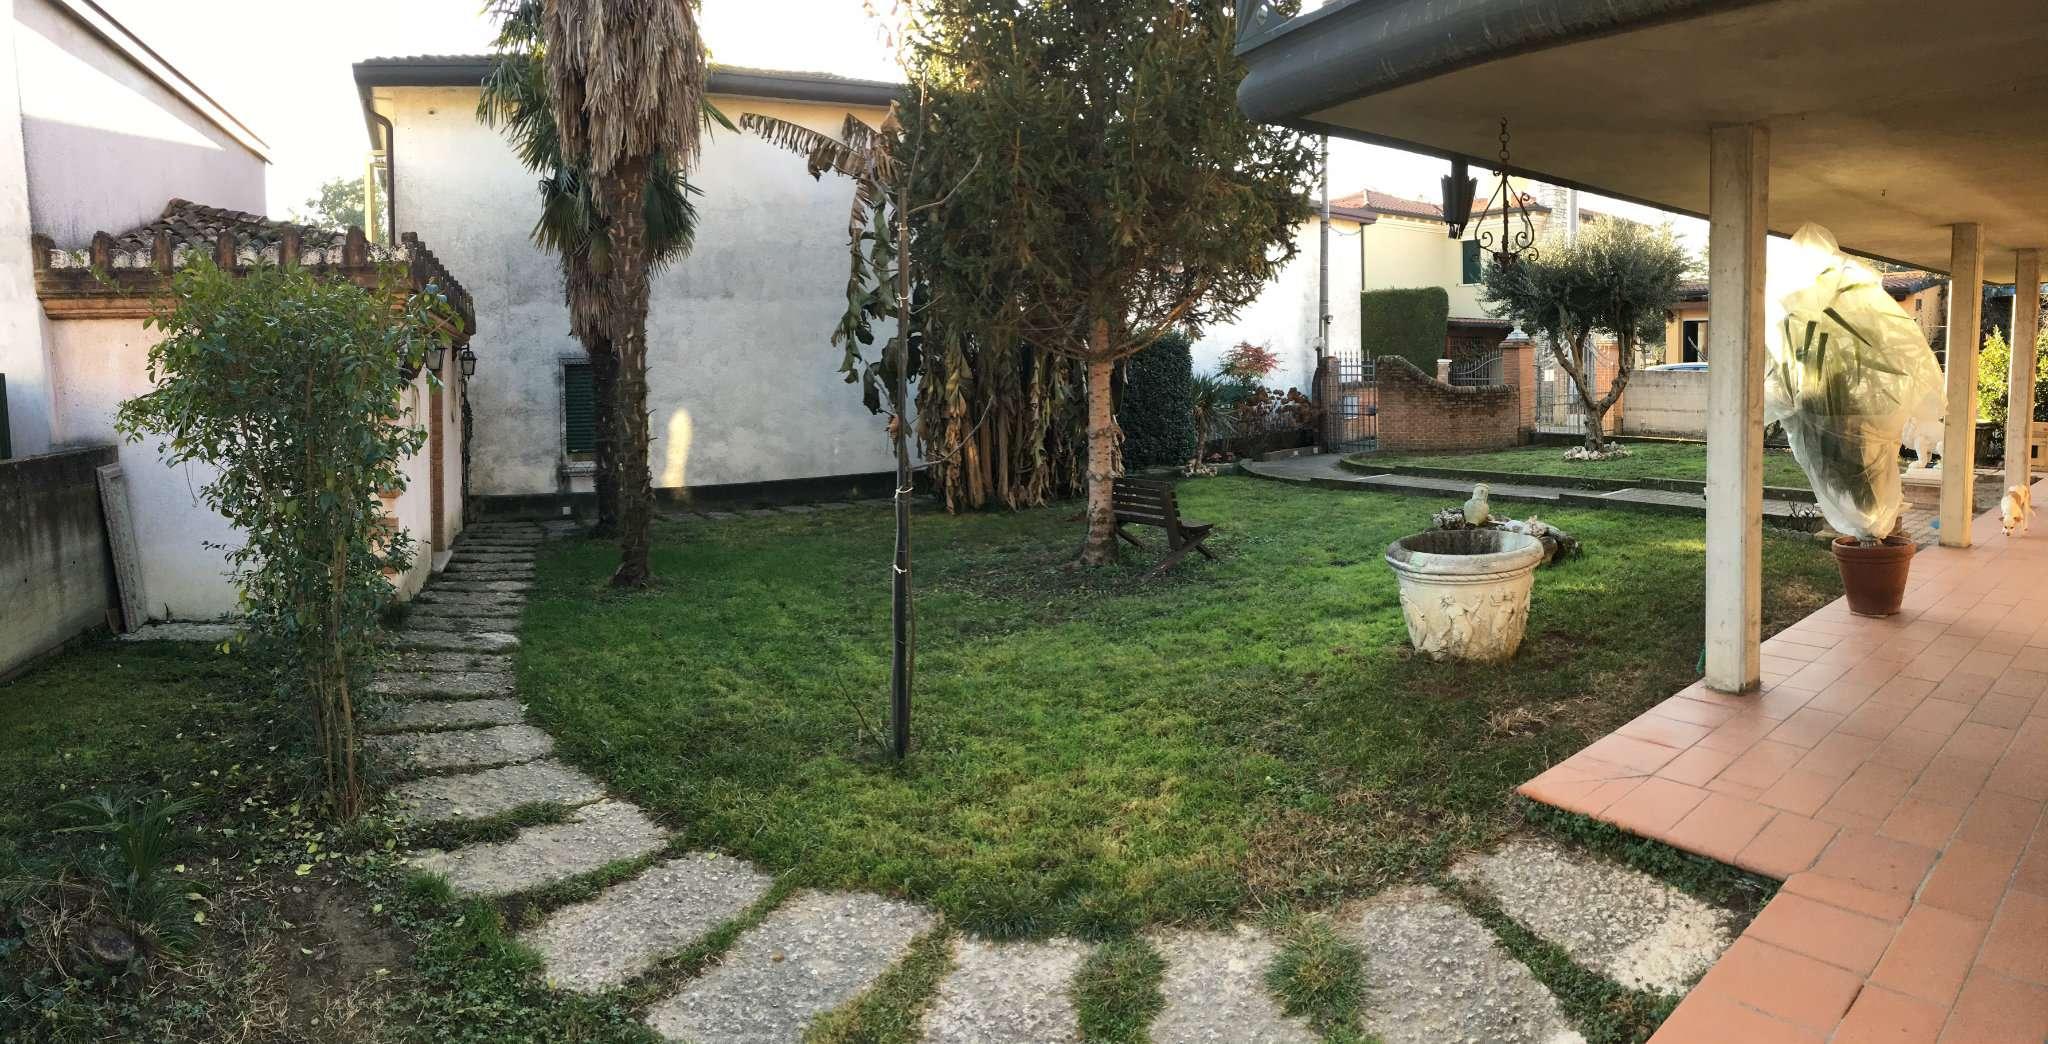 Soluzione Indipendente in vendita a Mirano, 18 locali, prezzo € 350.000 | Cambio Casa.it